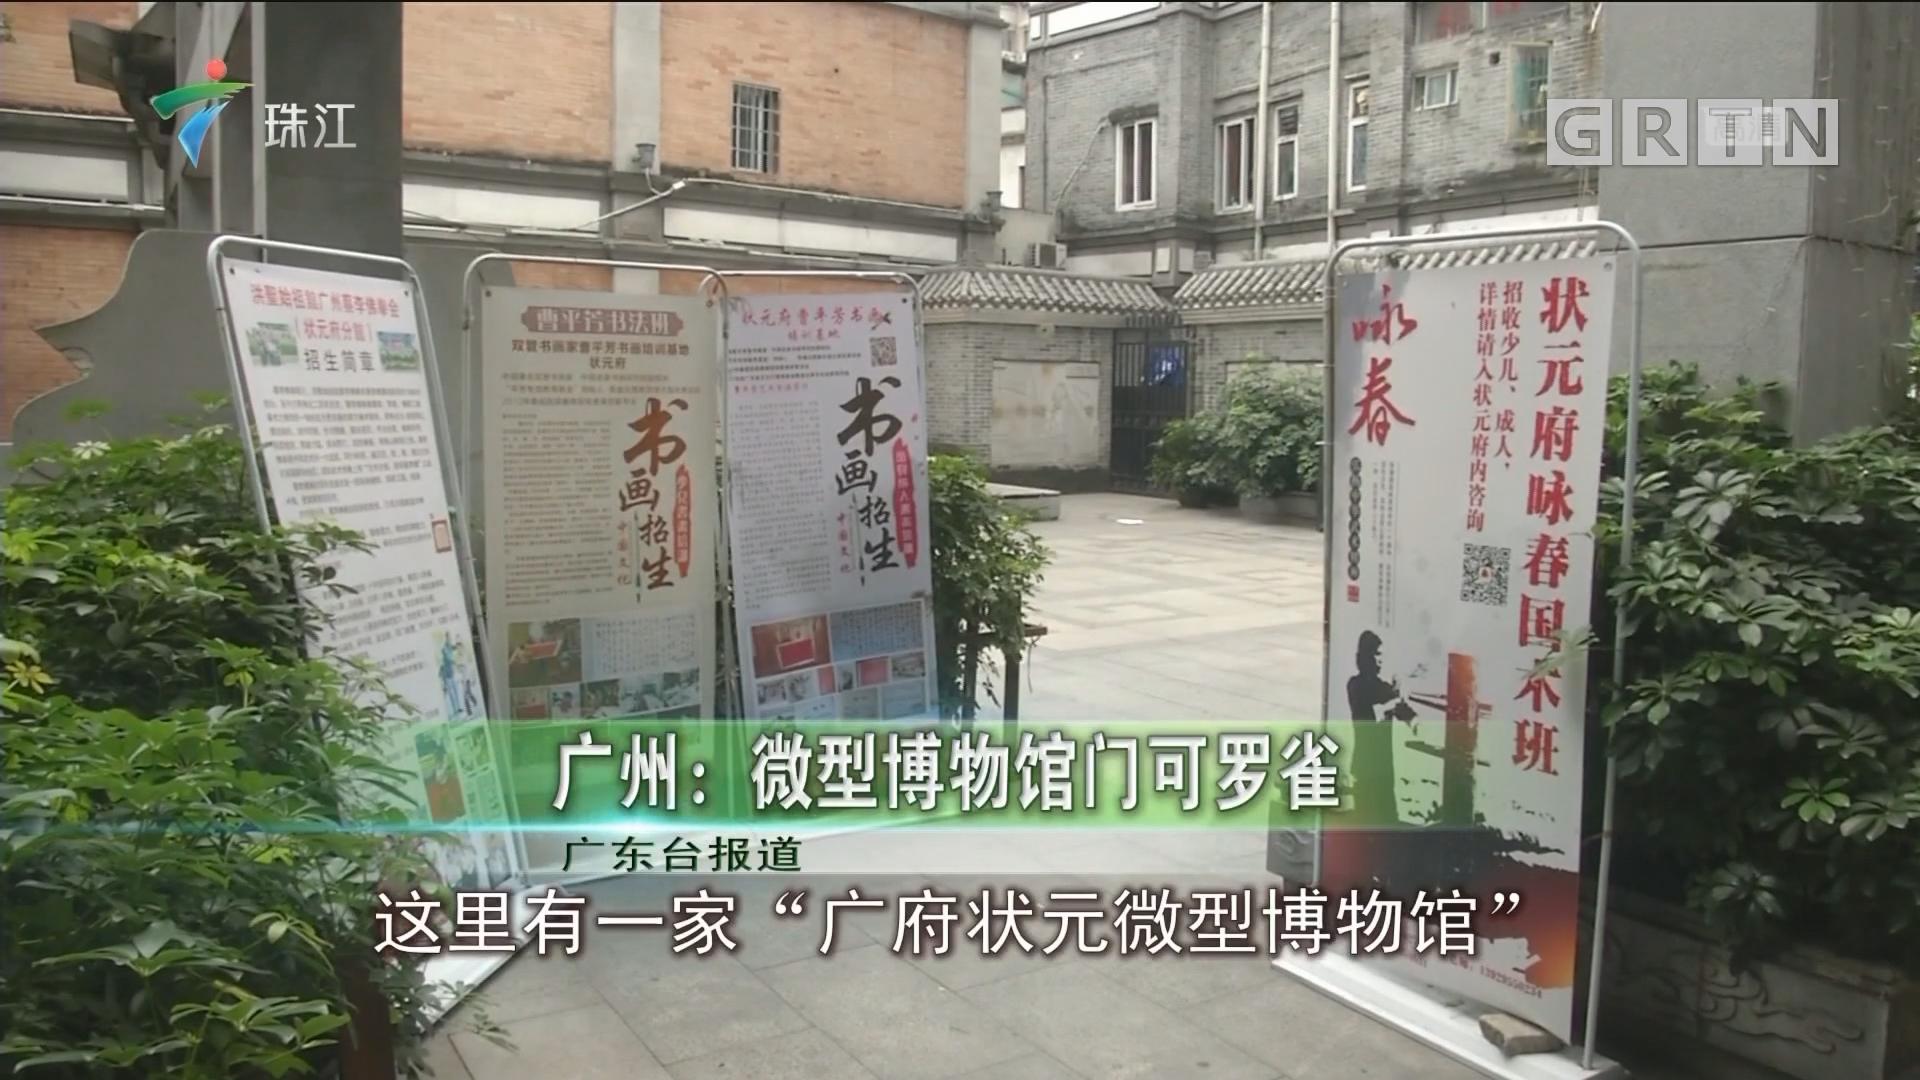 广州:微型博物馆门可罗雀